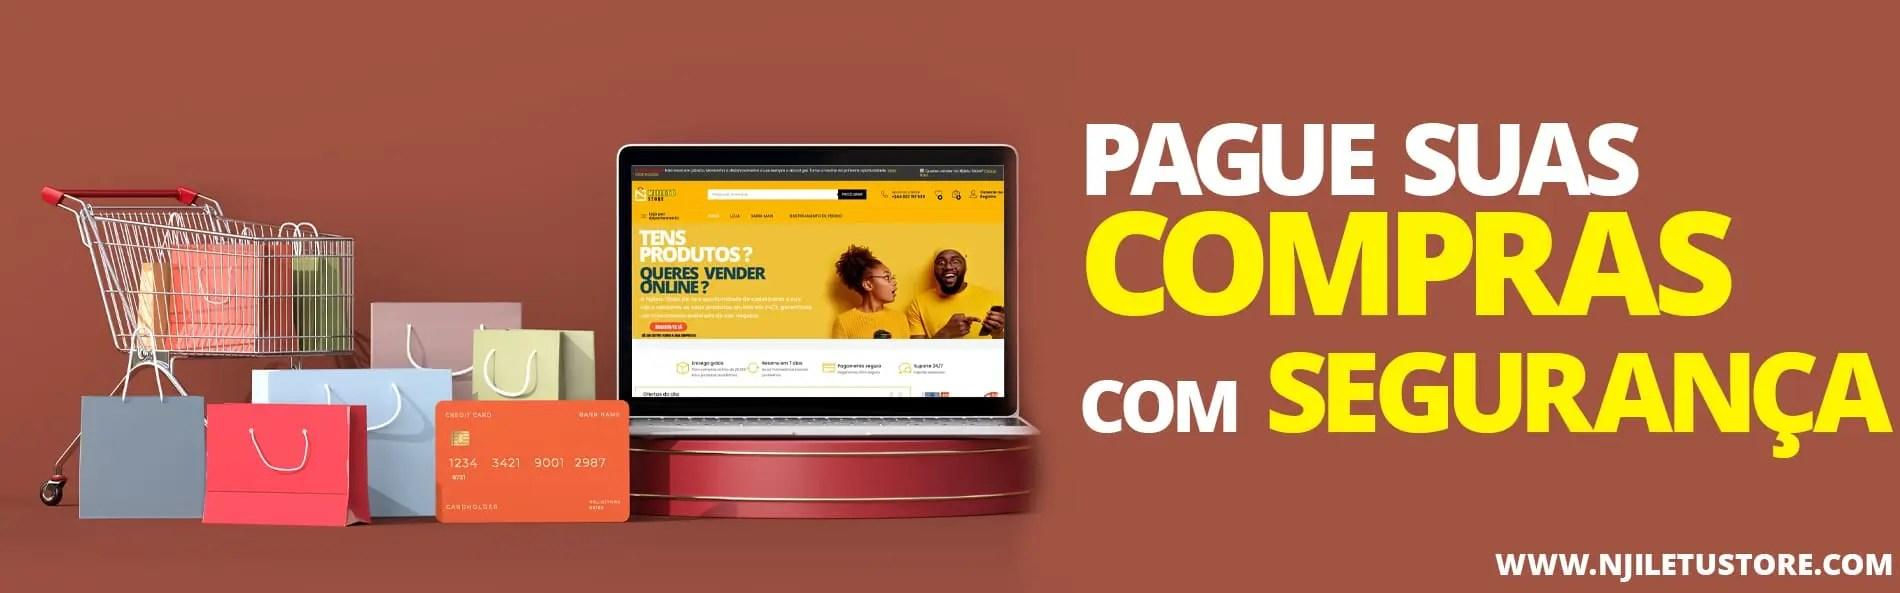 HOme Banner Njiletu - compre com (1)